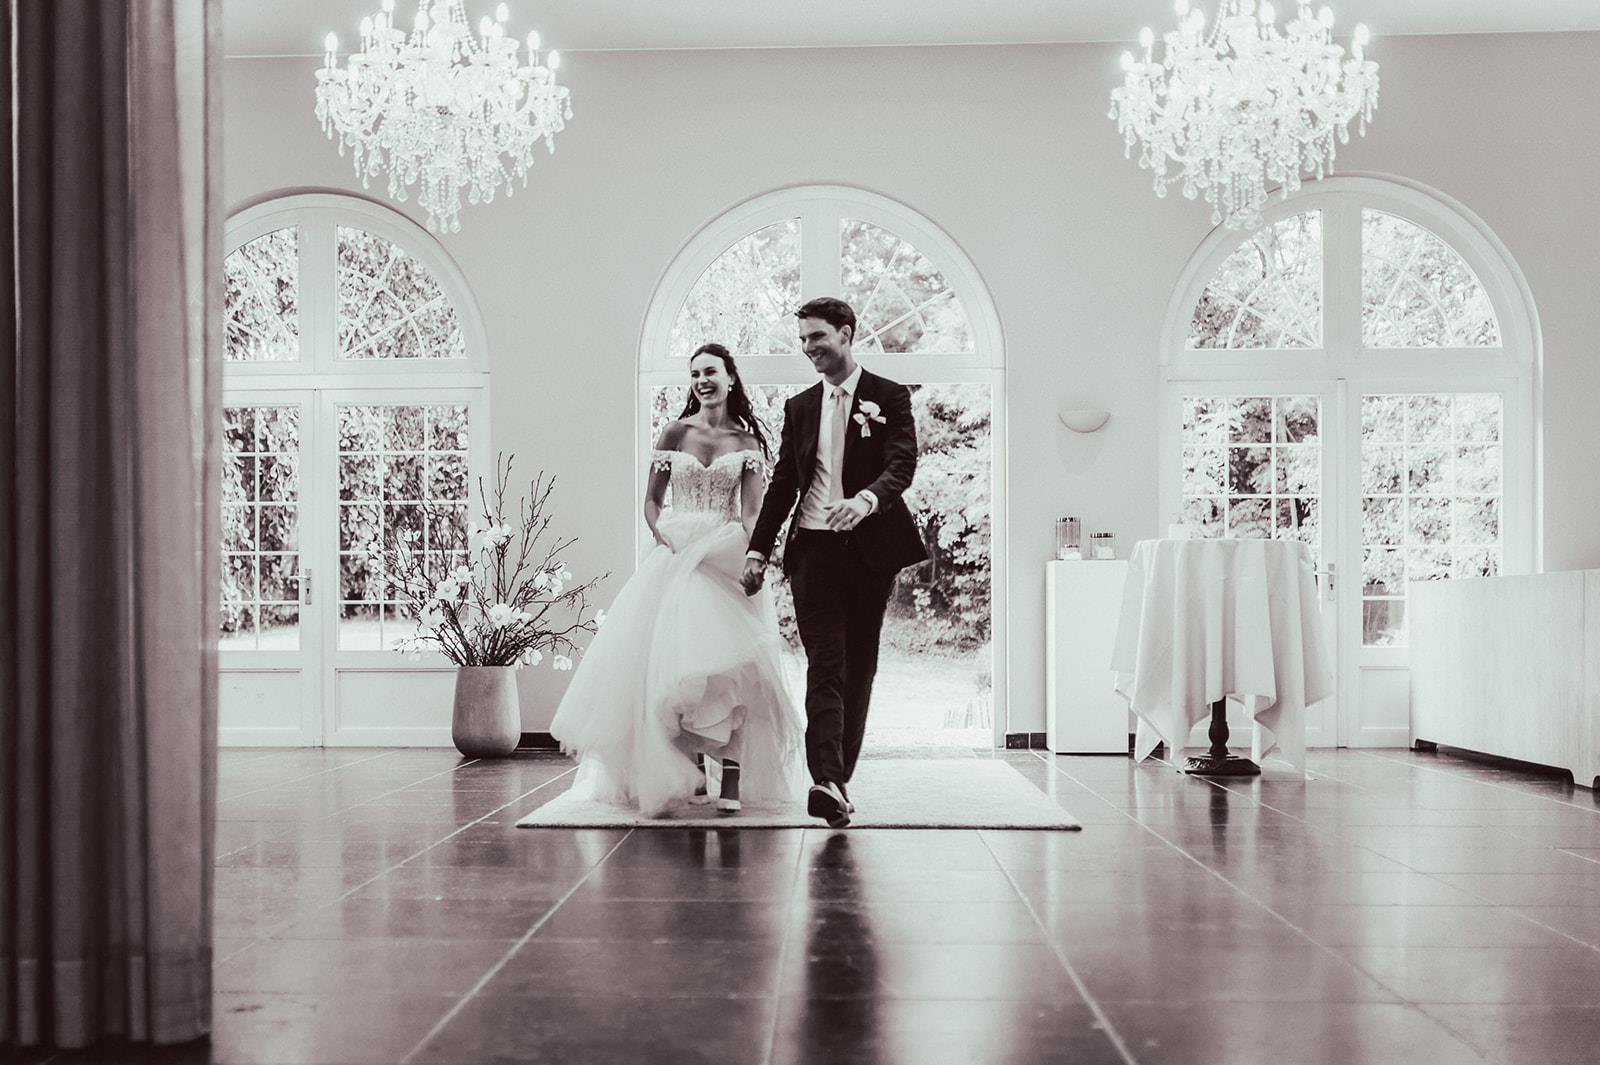 Nicolas & Anna